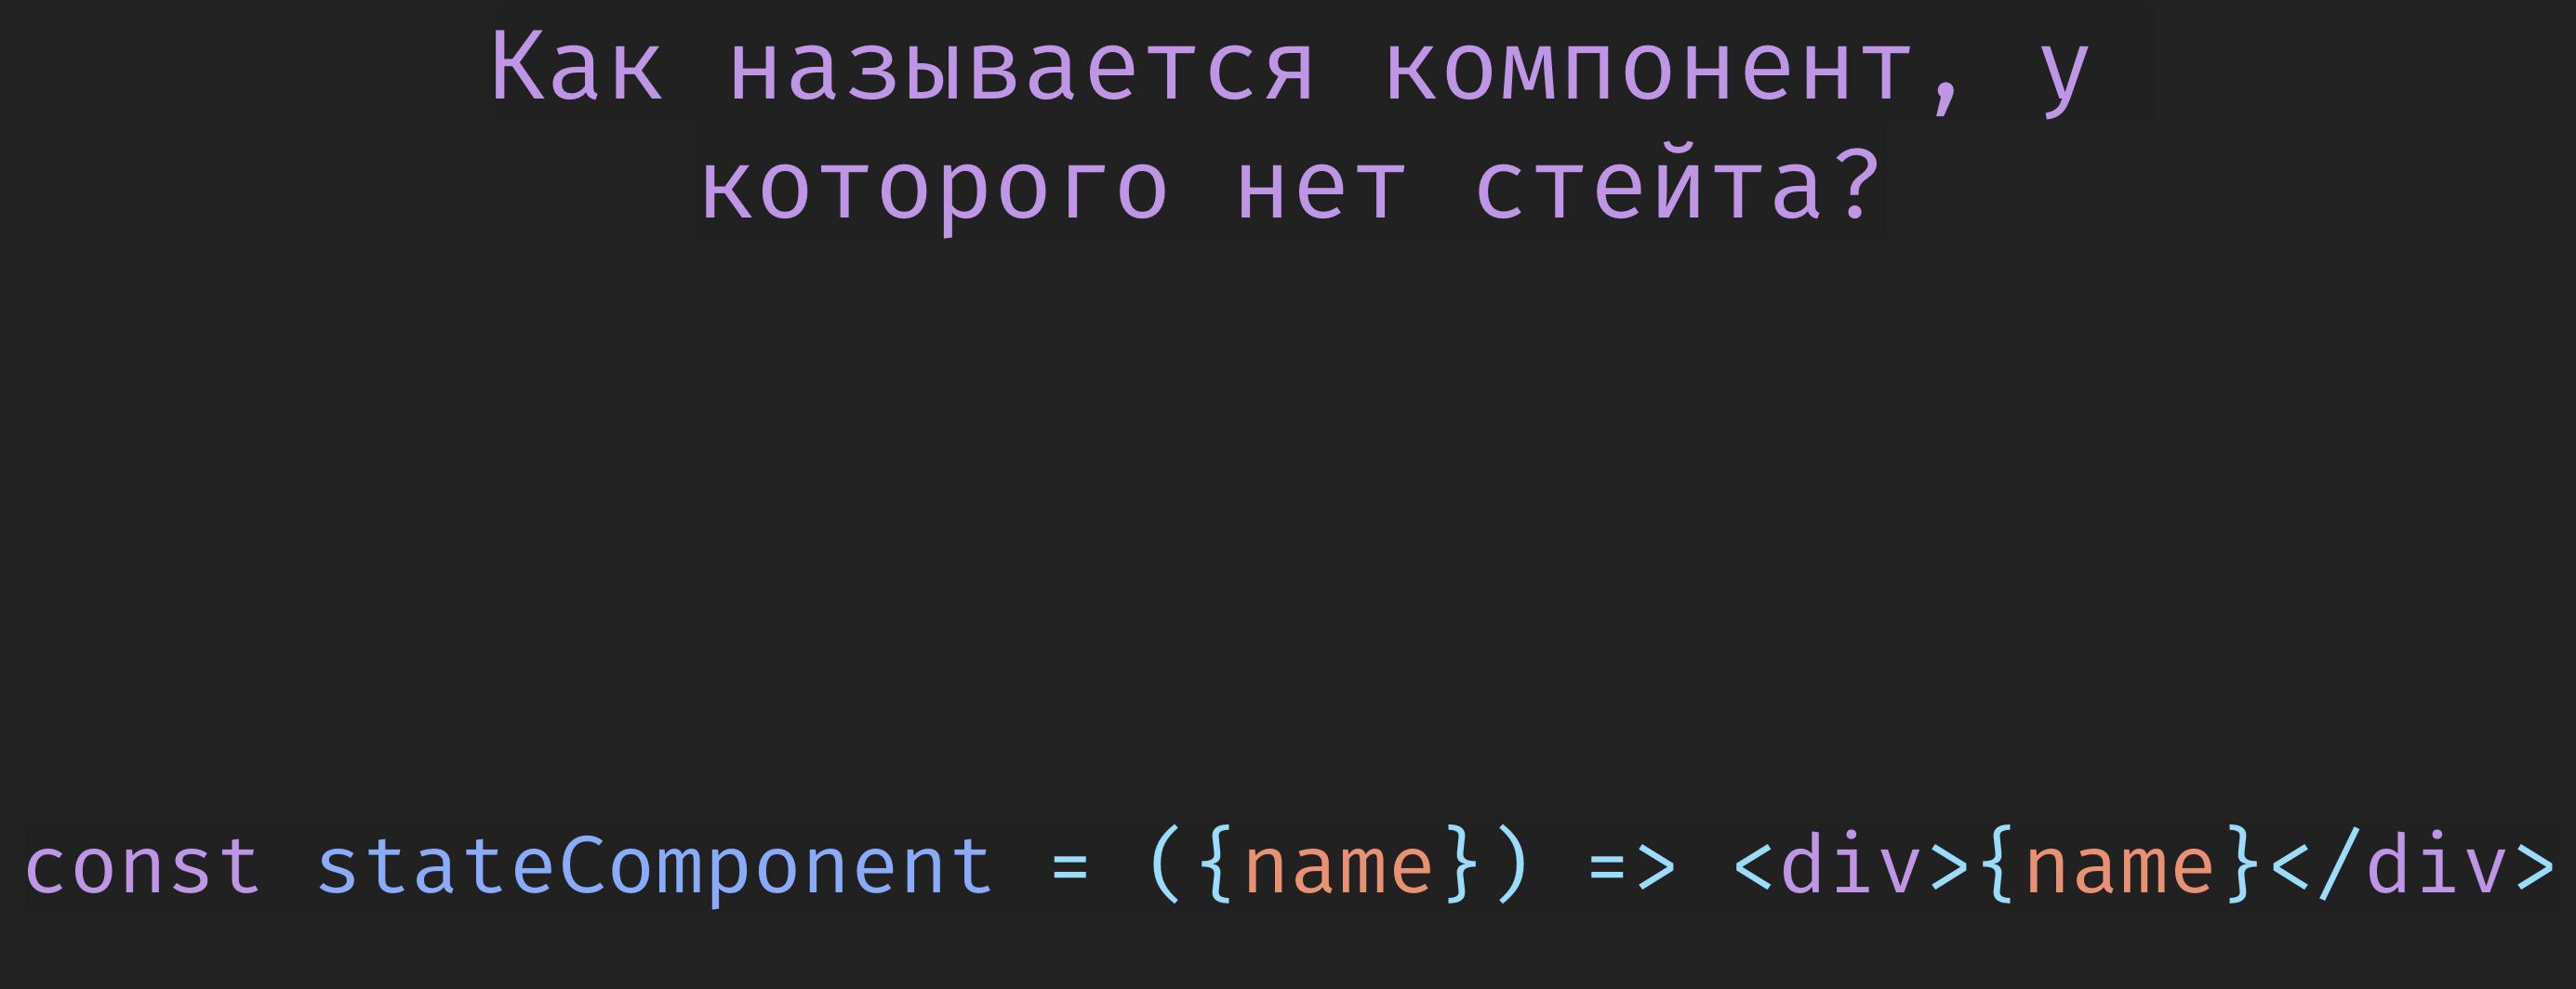 Компоненты высшего порядка с использованием Recompose - 1